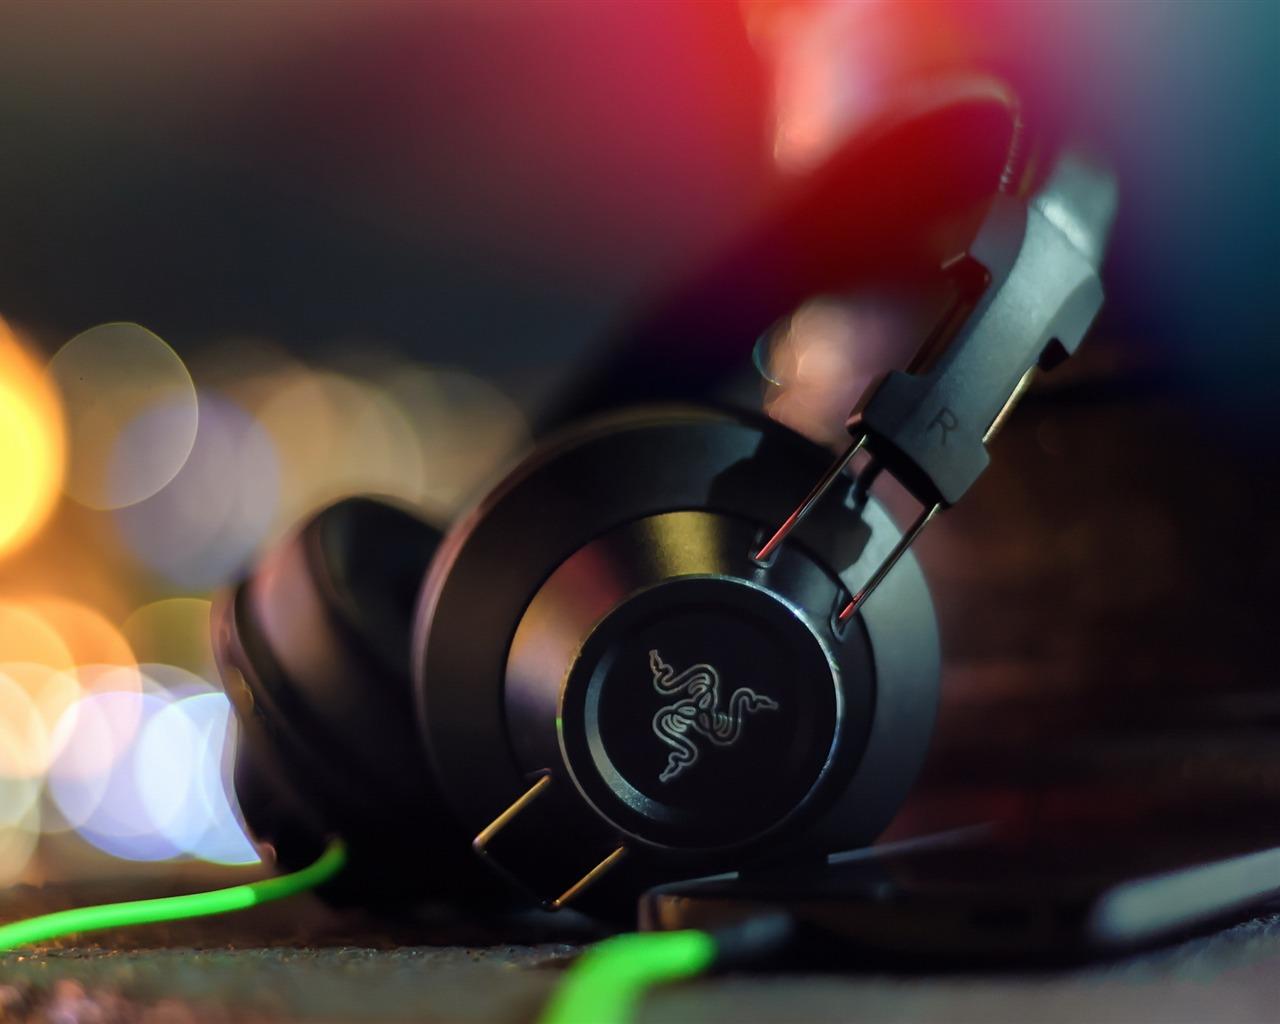 Razer Adaro Headphones Hd Widescreen Wallpaper Preview